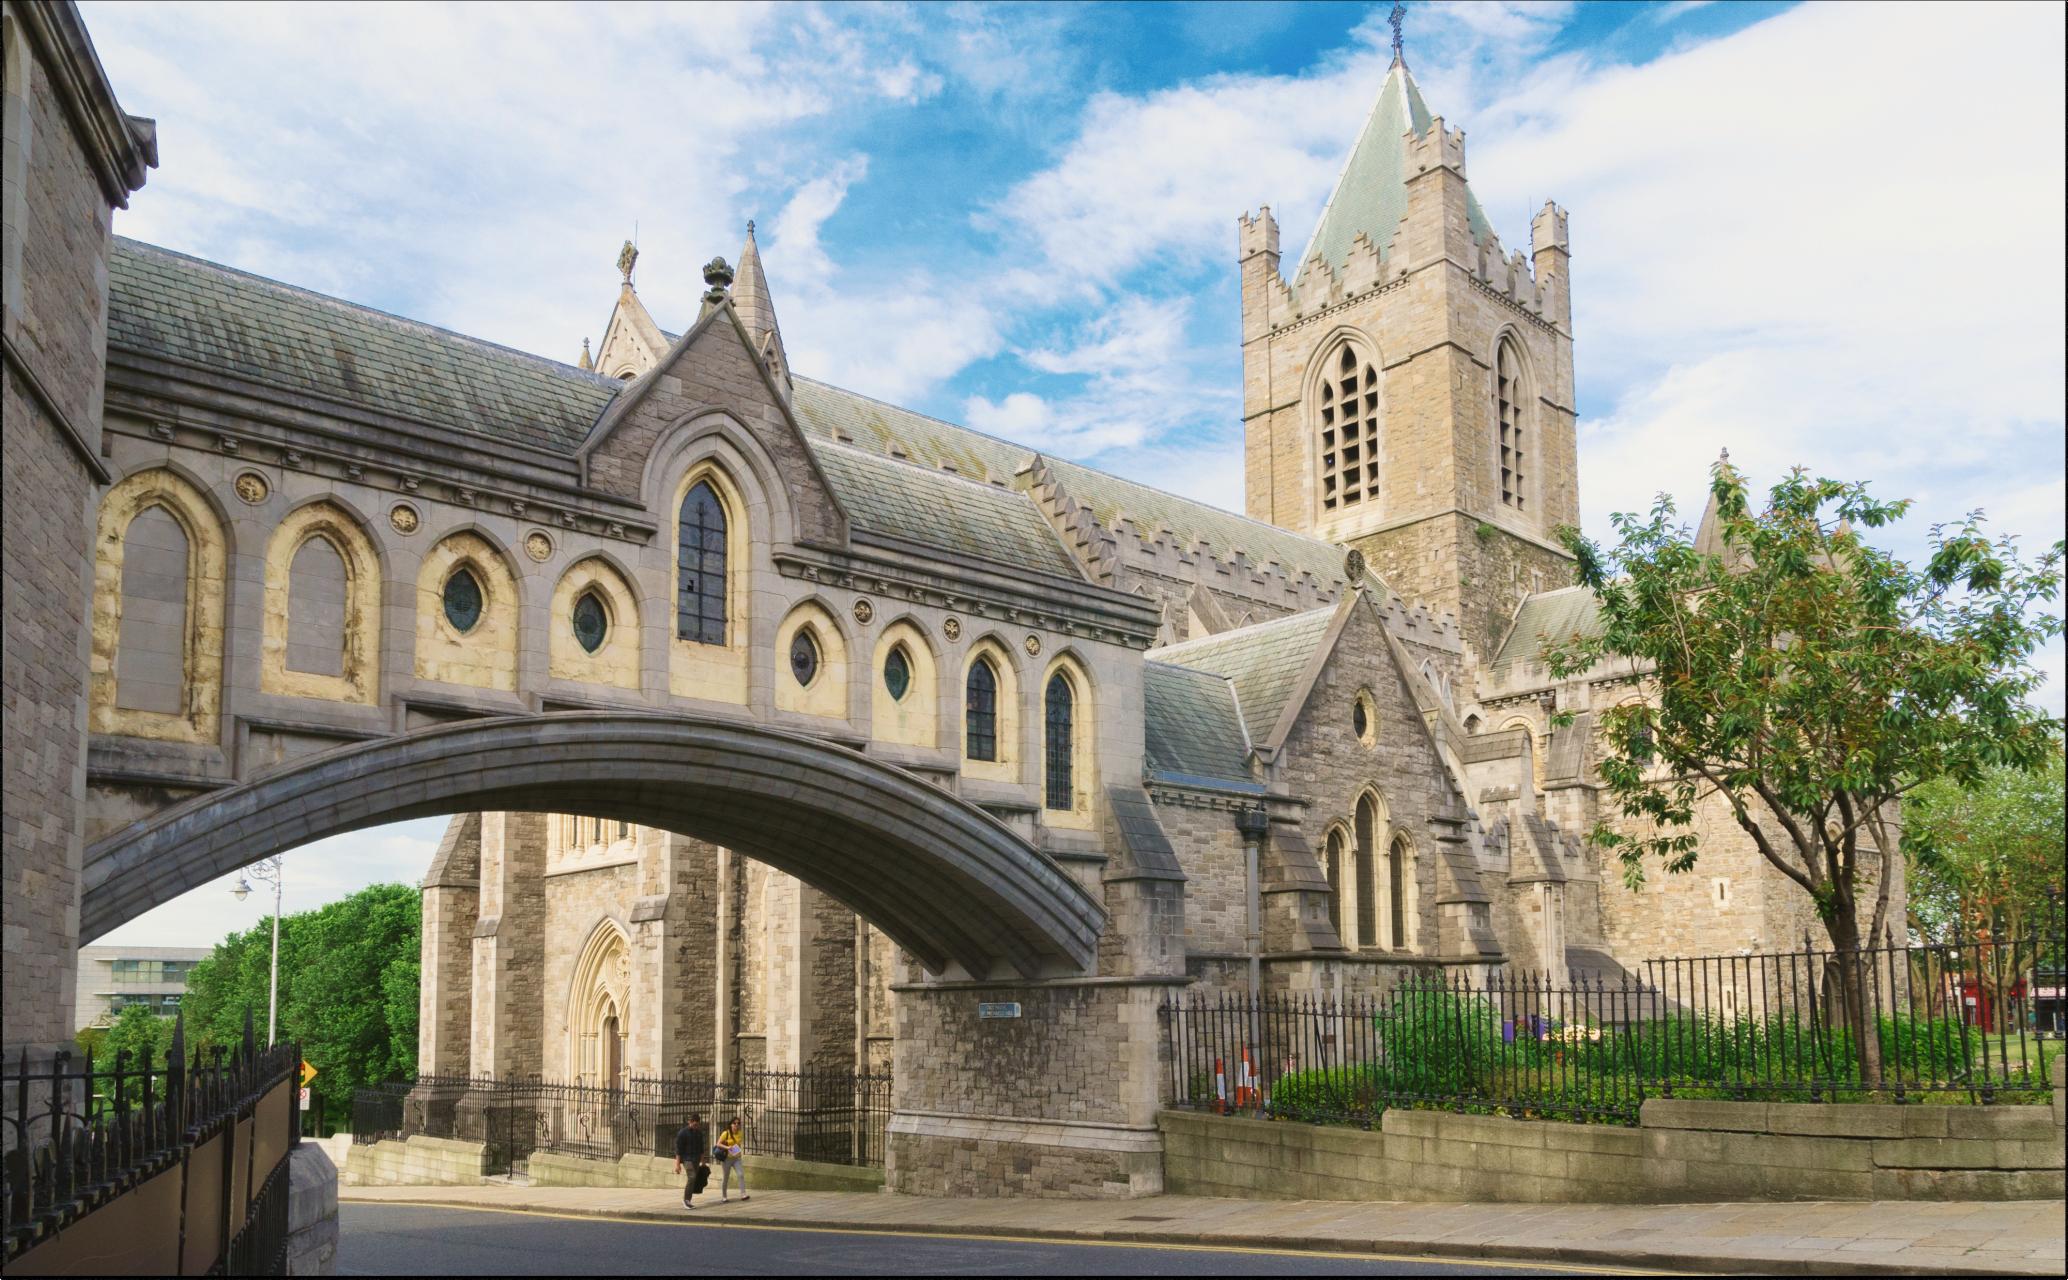 Dublin - Highlights of Ancient Dublin